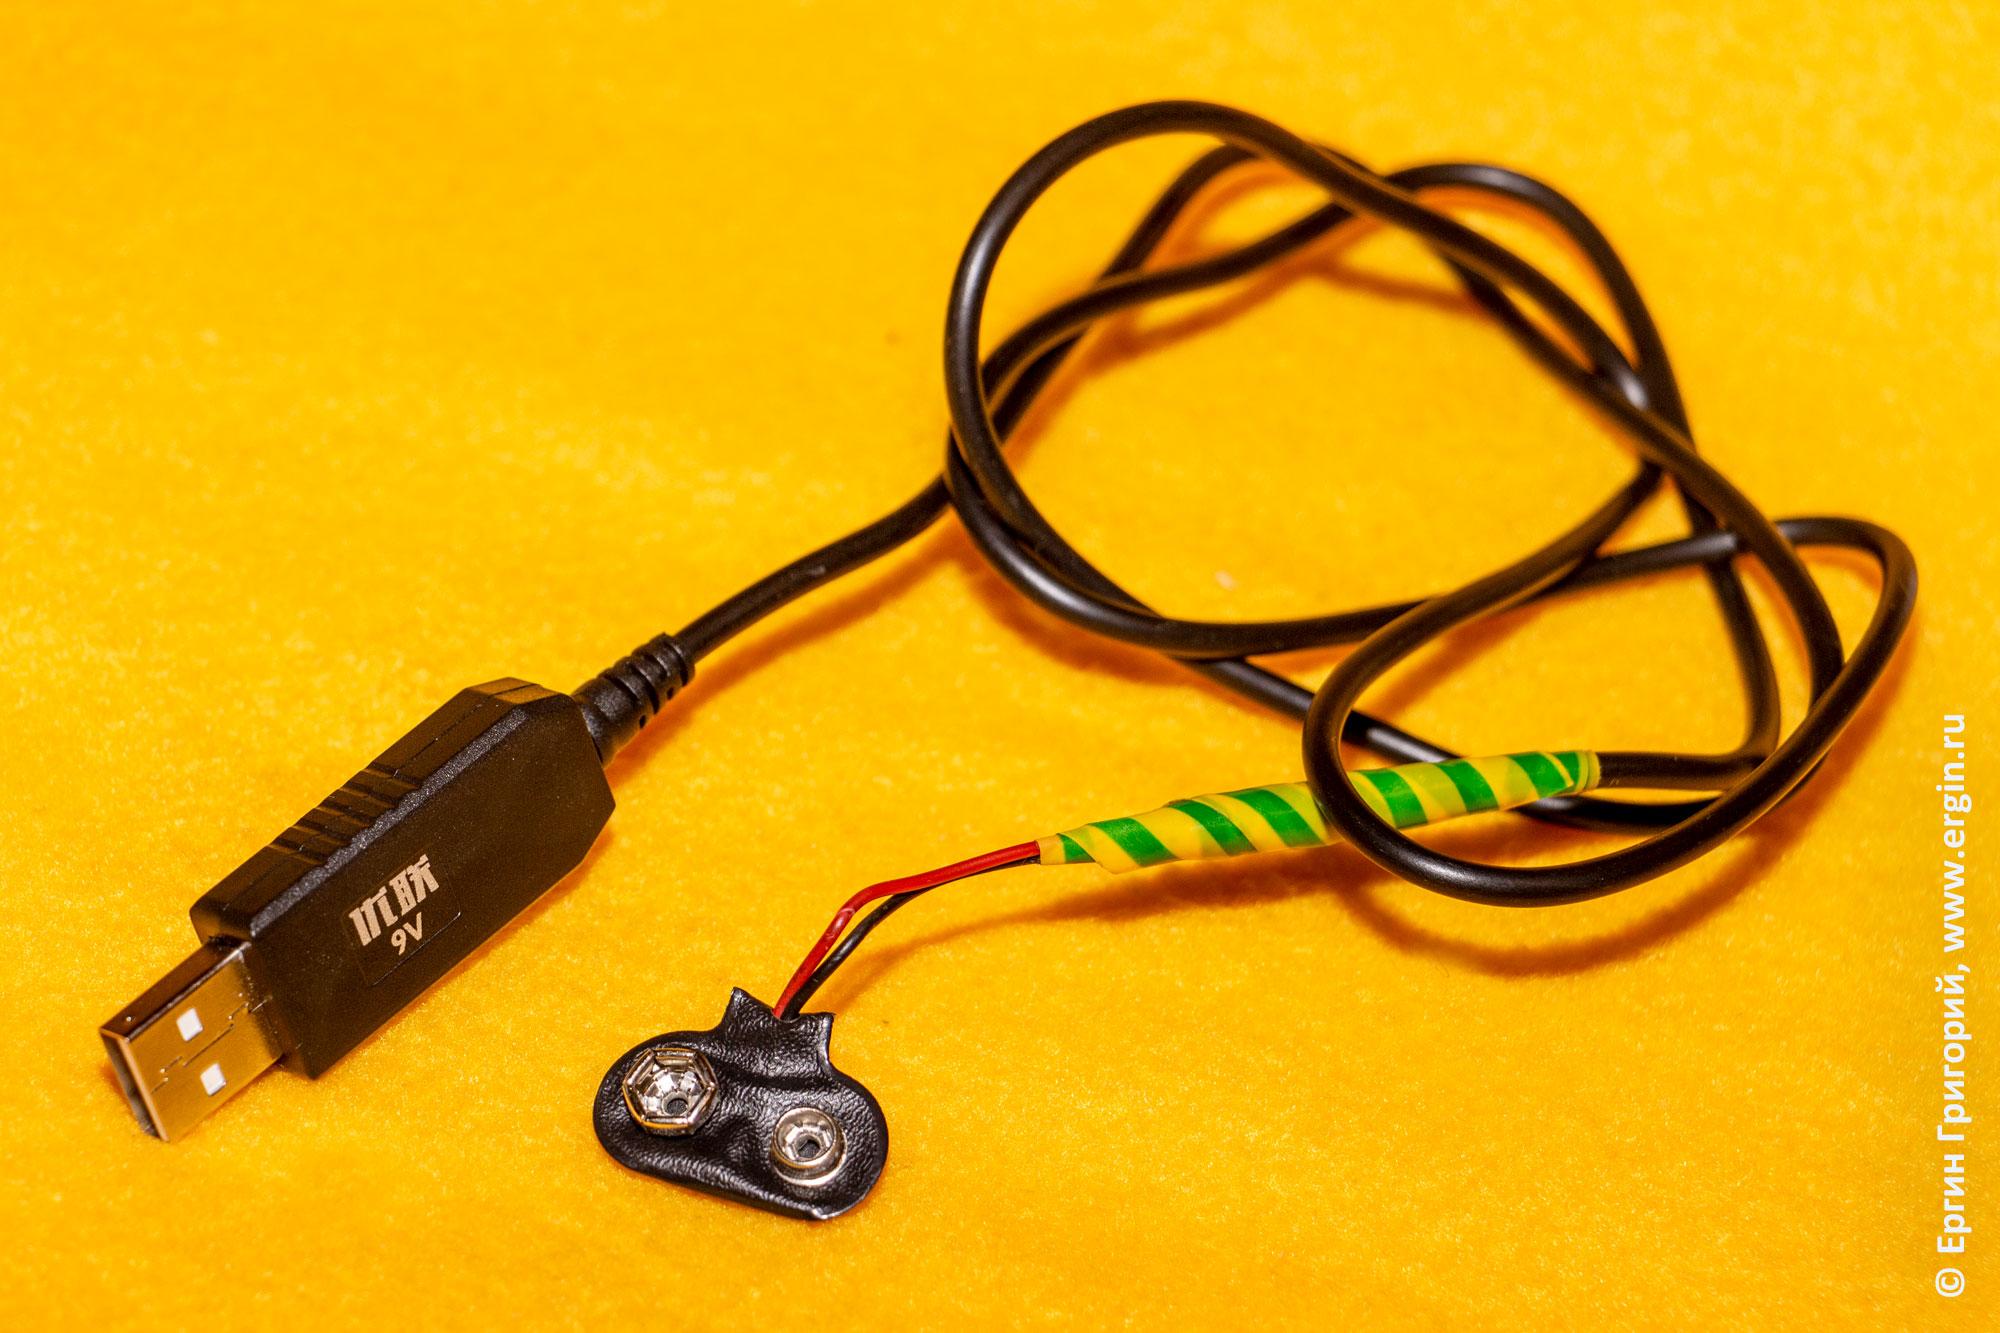 Провод для замены батарейки крона на питание от USB с преобразователем напряжения в 9В